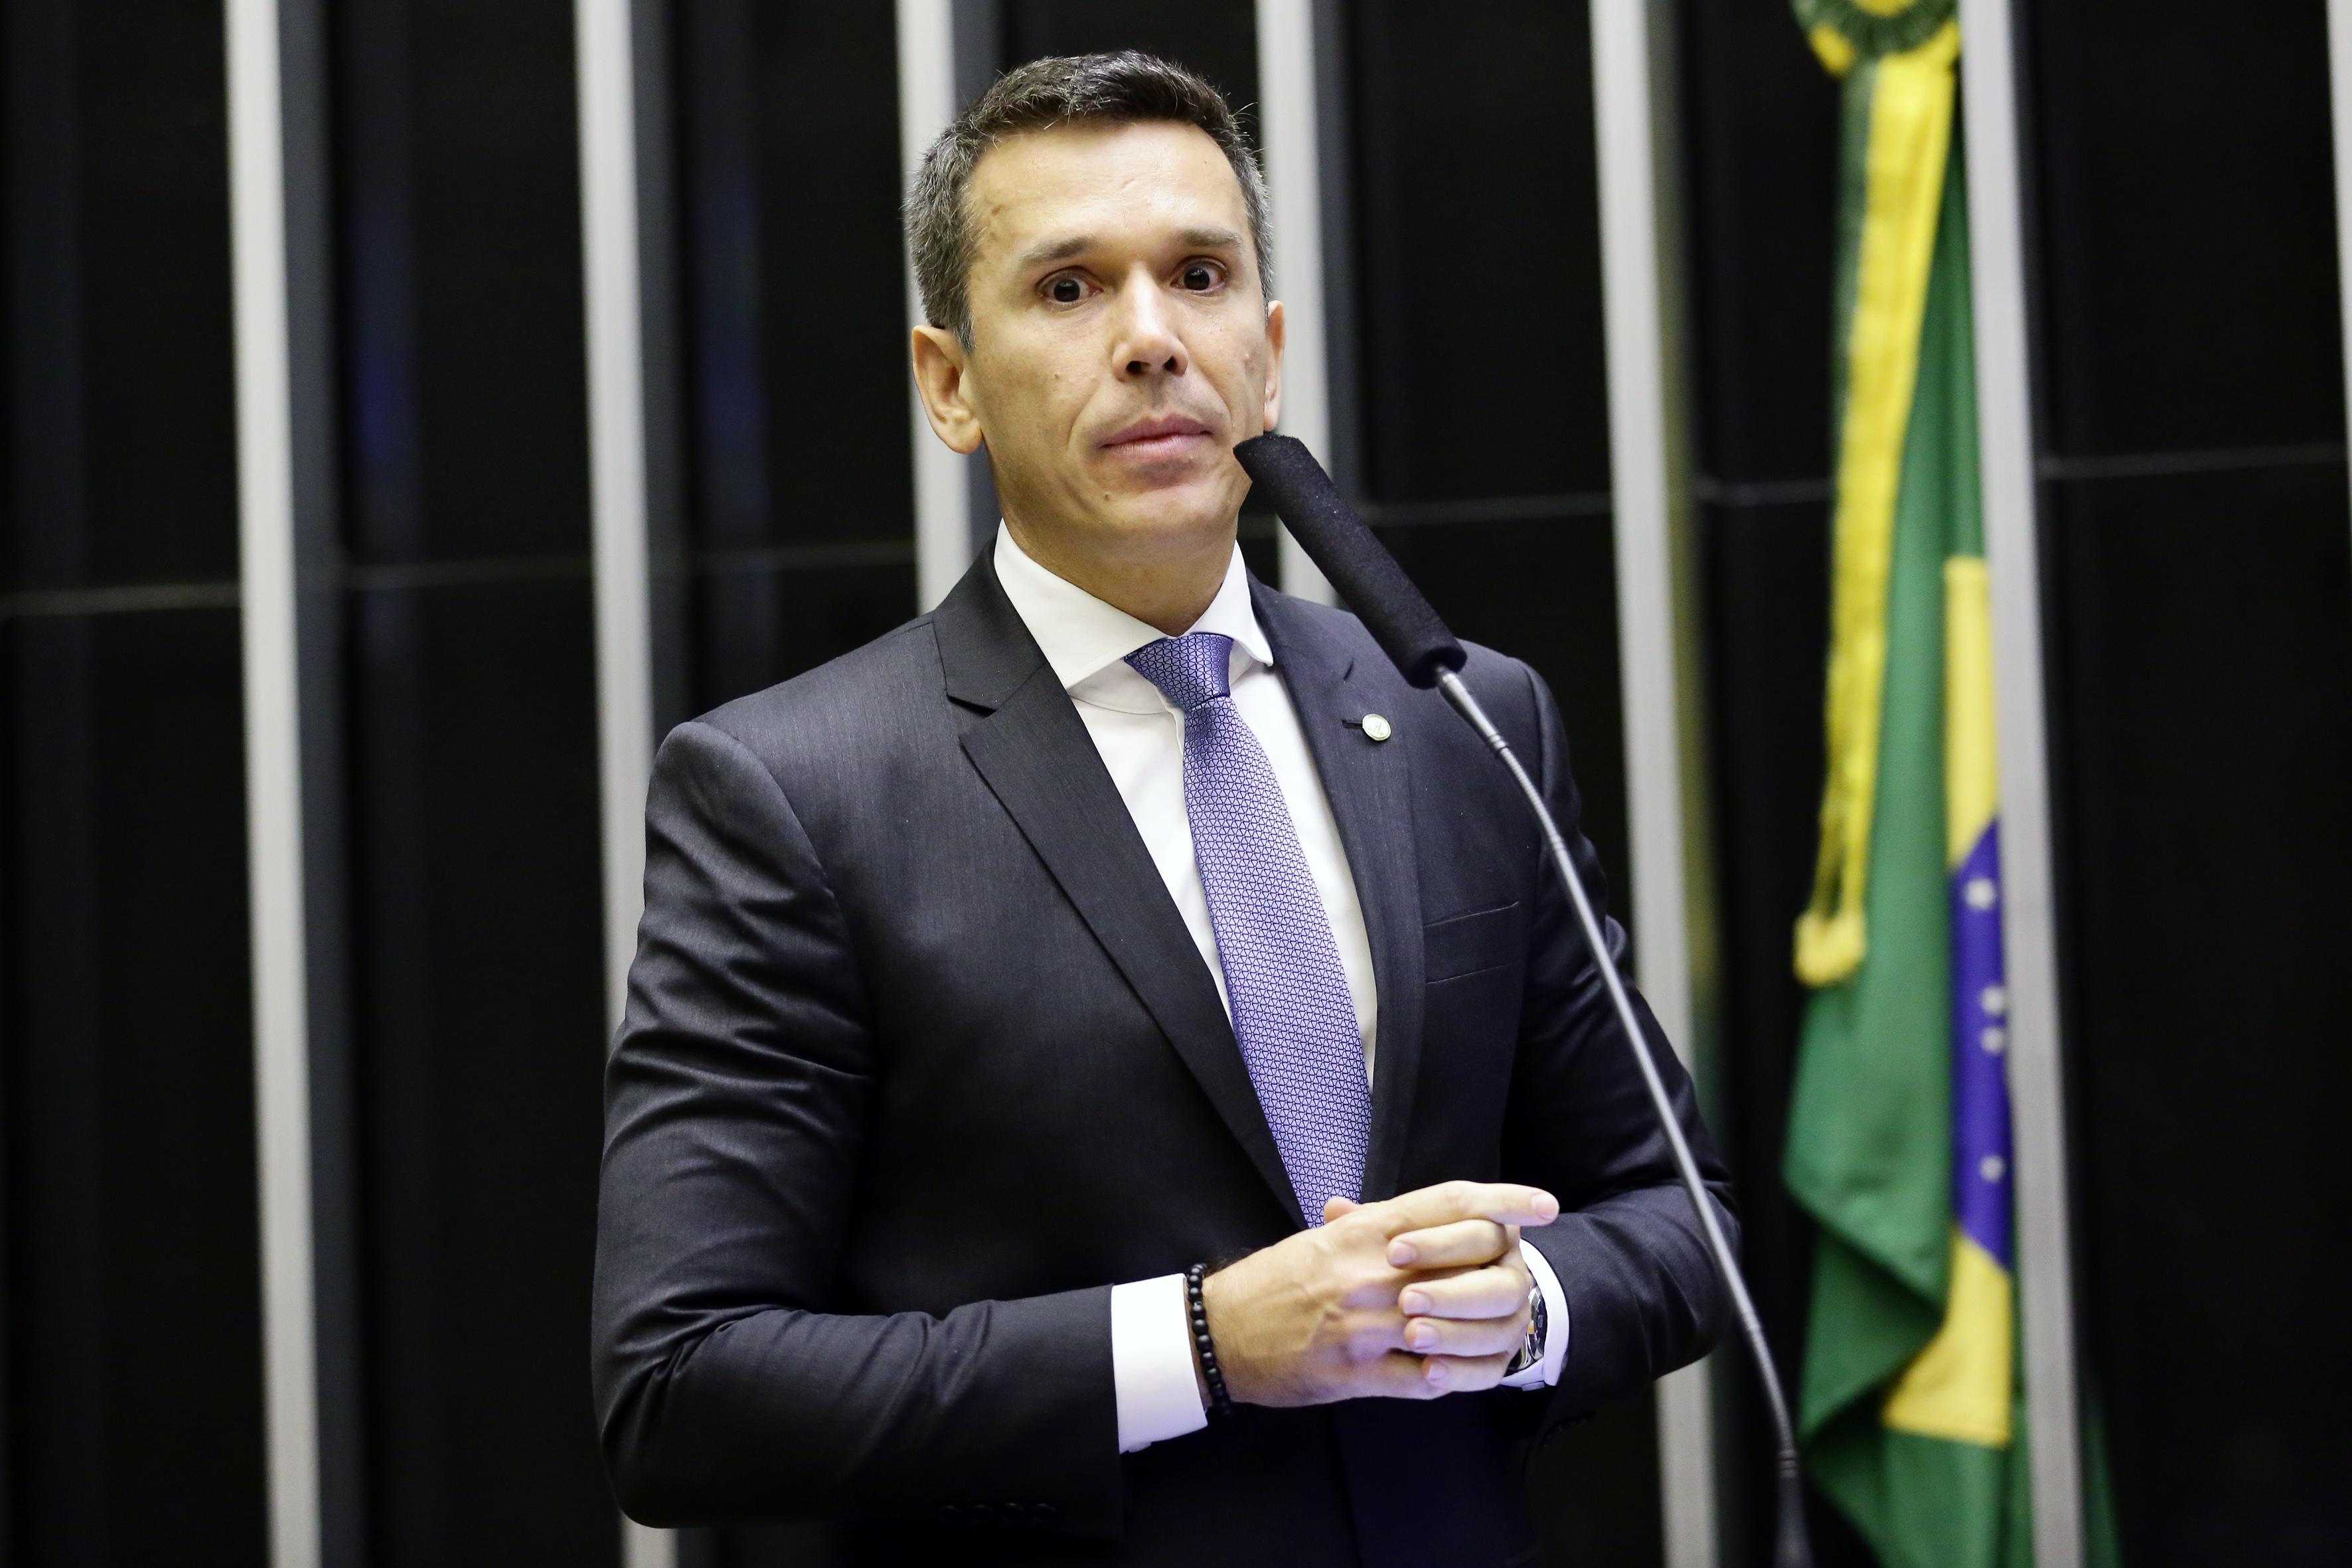 Homenagem ao Centenário do Jornal do Commercio de Pernambuco. Dep. Felipe Carreras (PSB-PE)